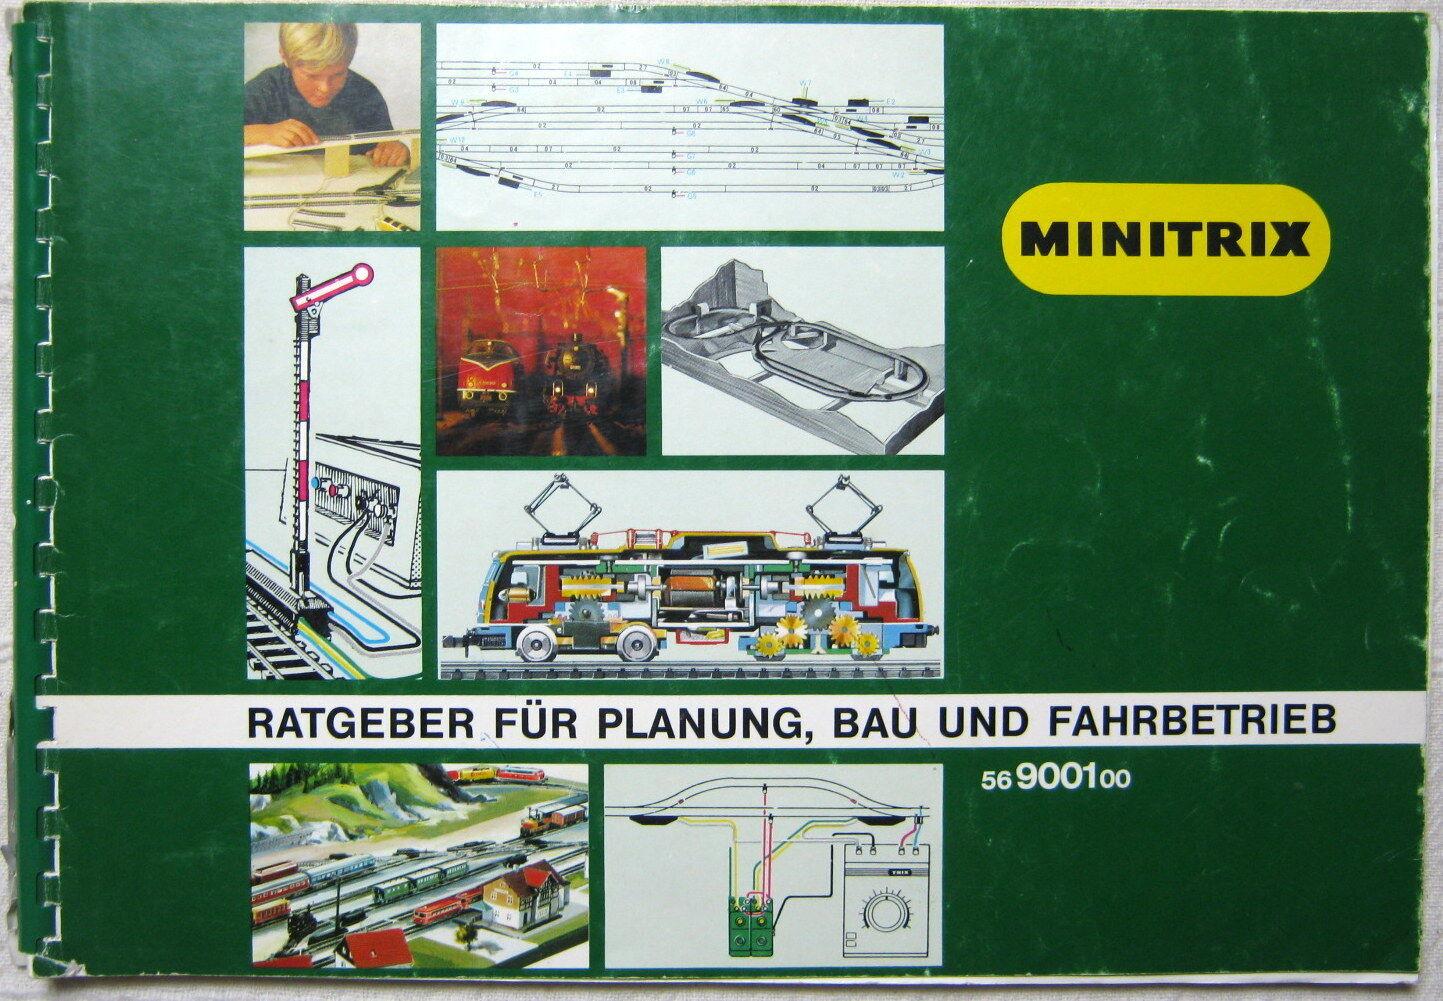 MINITRIX Gleisplan Gleispläne 56900100 Ratgeber Planung Bau 1984 Umfangreich